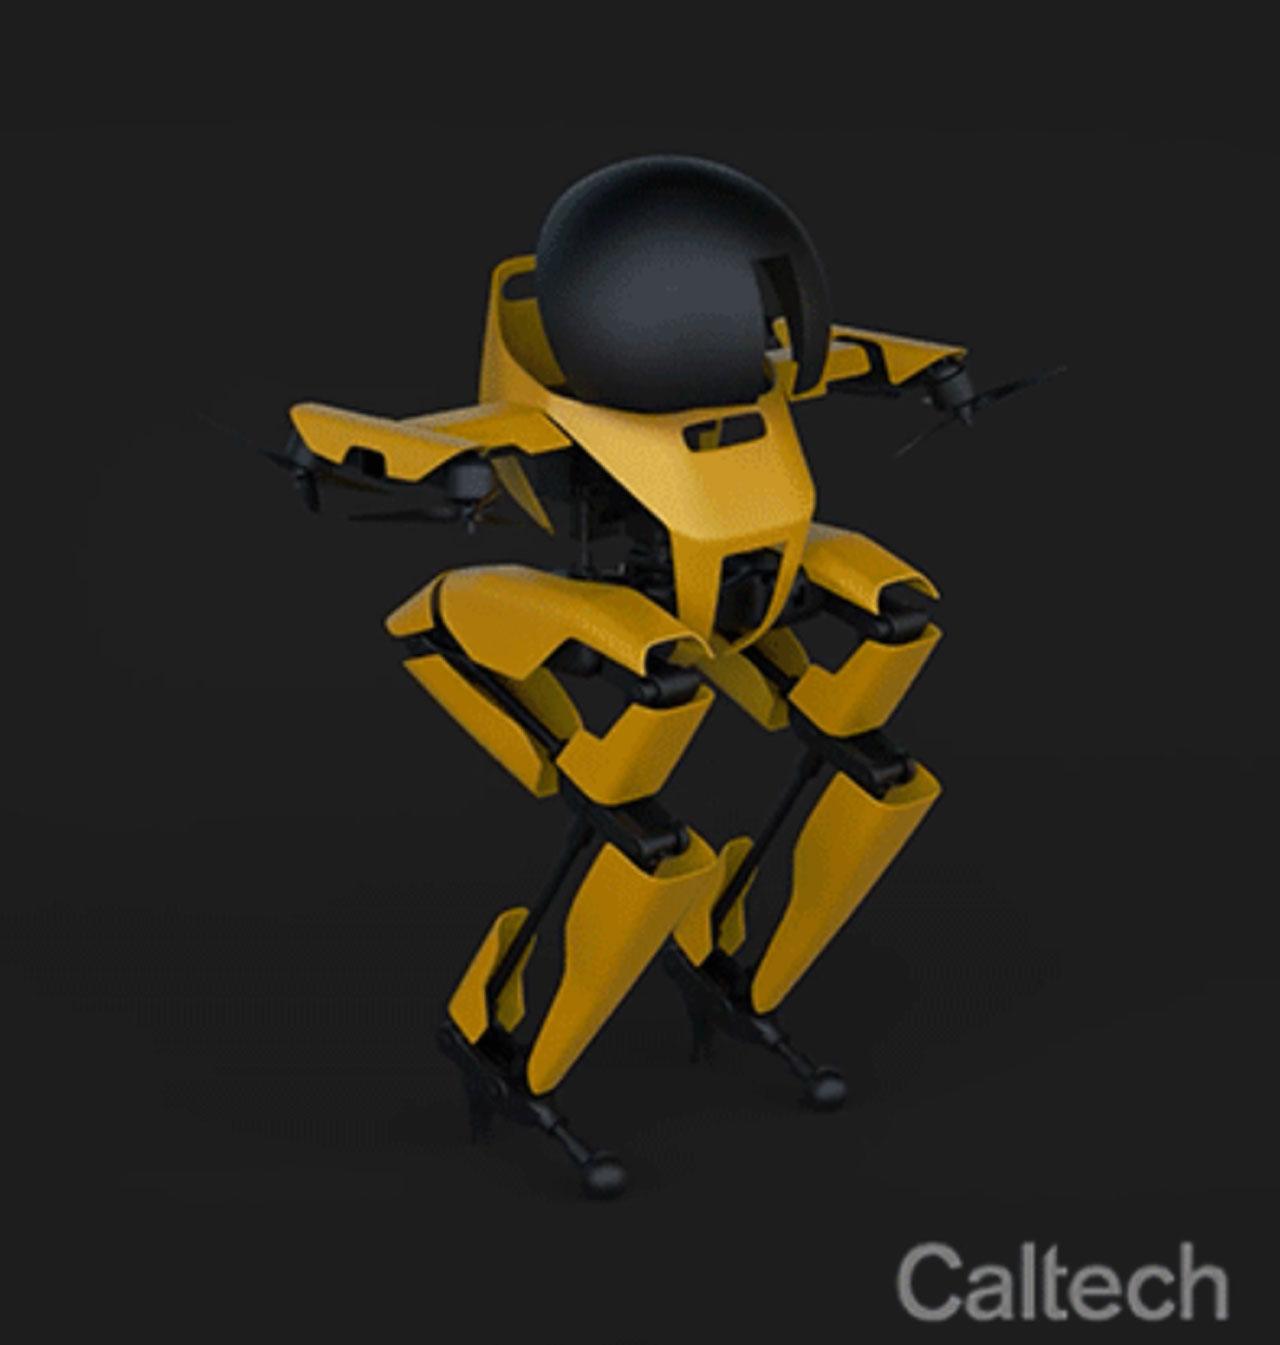 word image - El robot bípedo LEONARDO, de Caltech, es capaz de patinar y mucho más